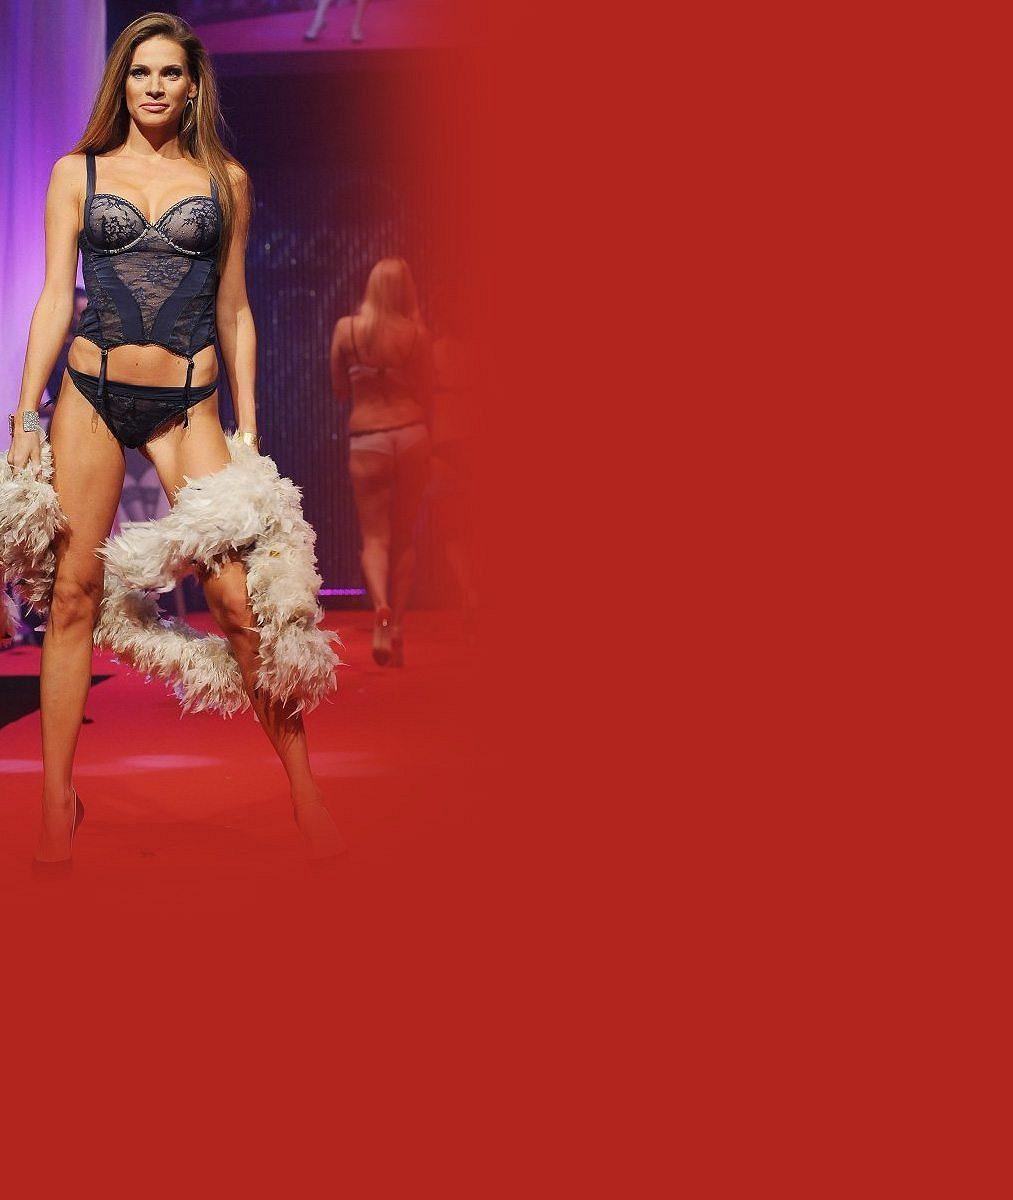 Nekonečně dlouhé sexy nohy a postava snů: Andrea Verešová je v bikinách dokonalost sama